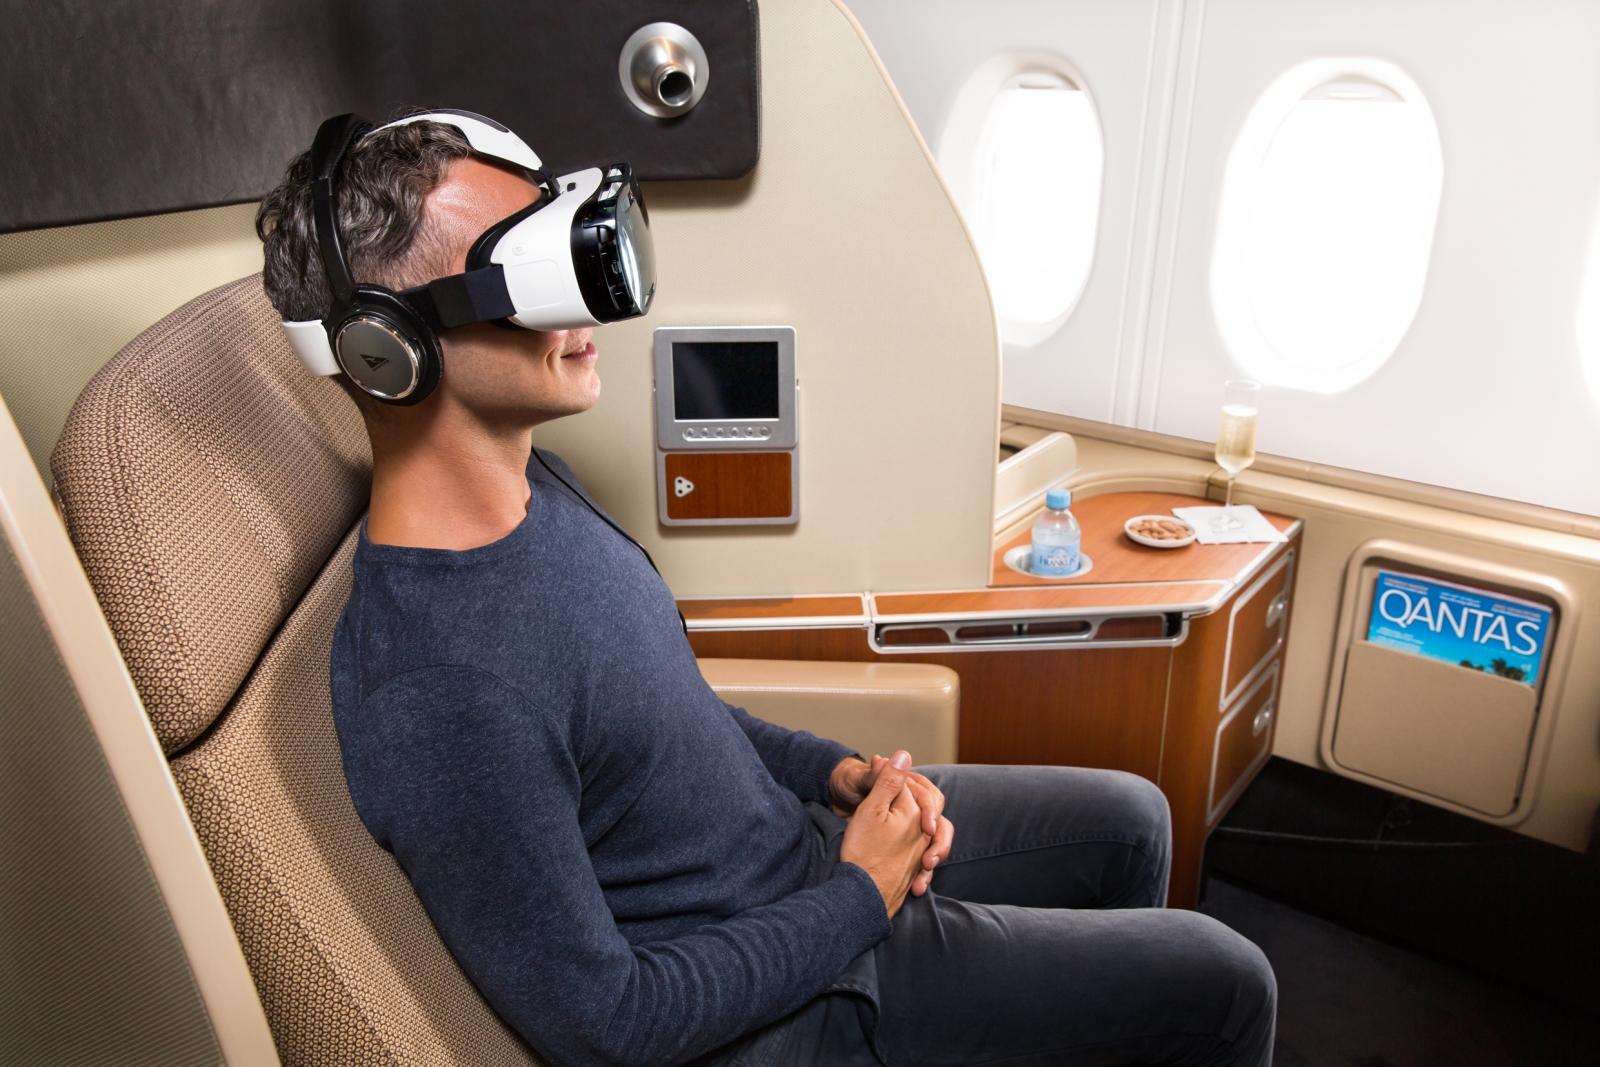 Samsung Gear VR on Qantas flight